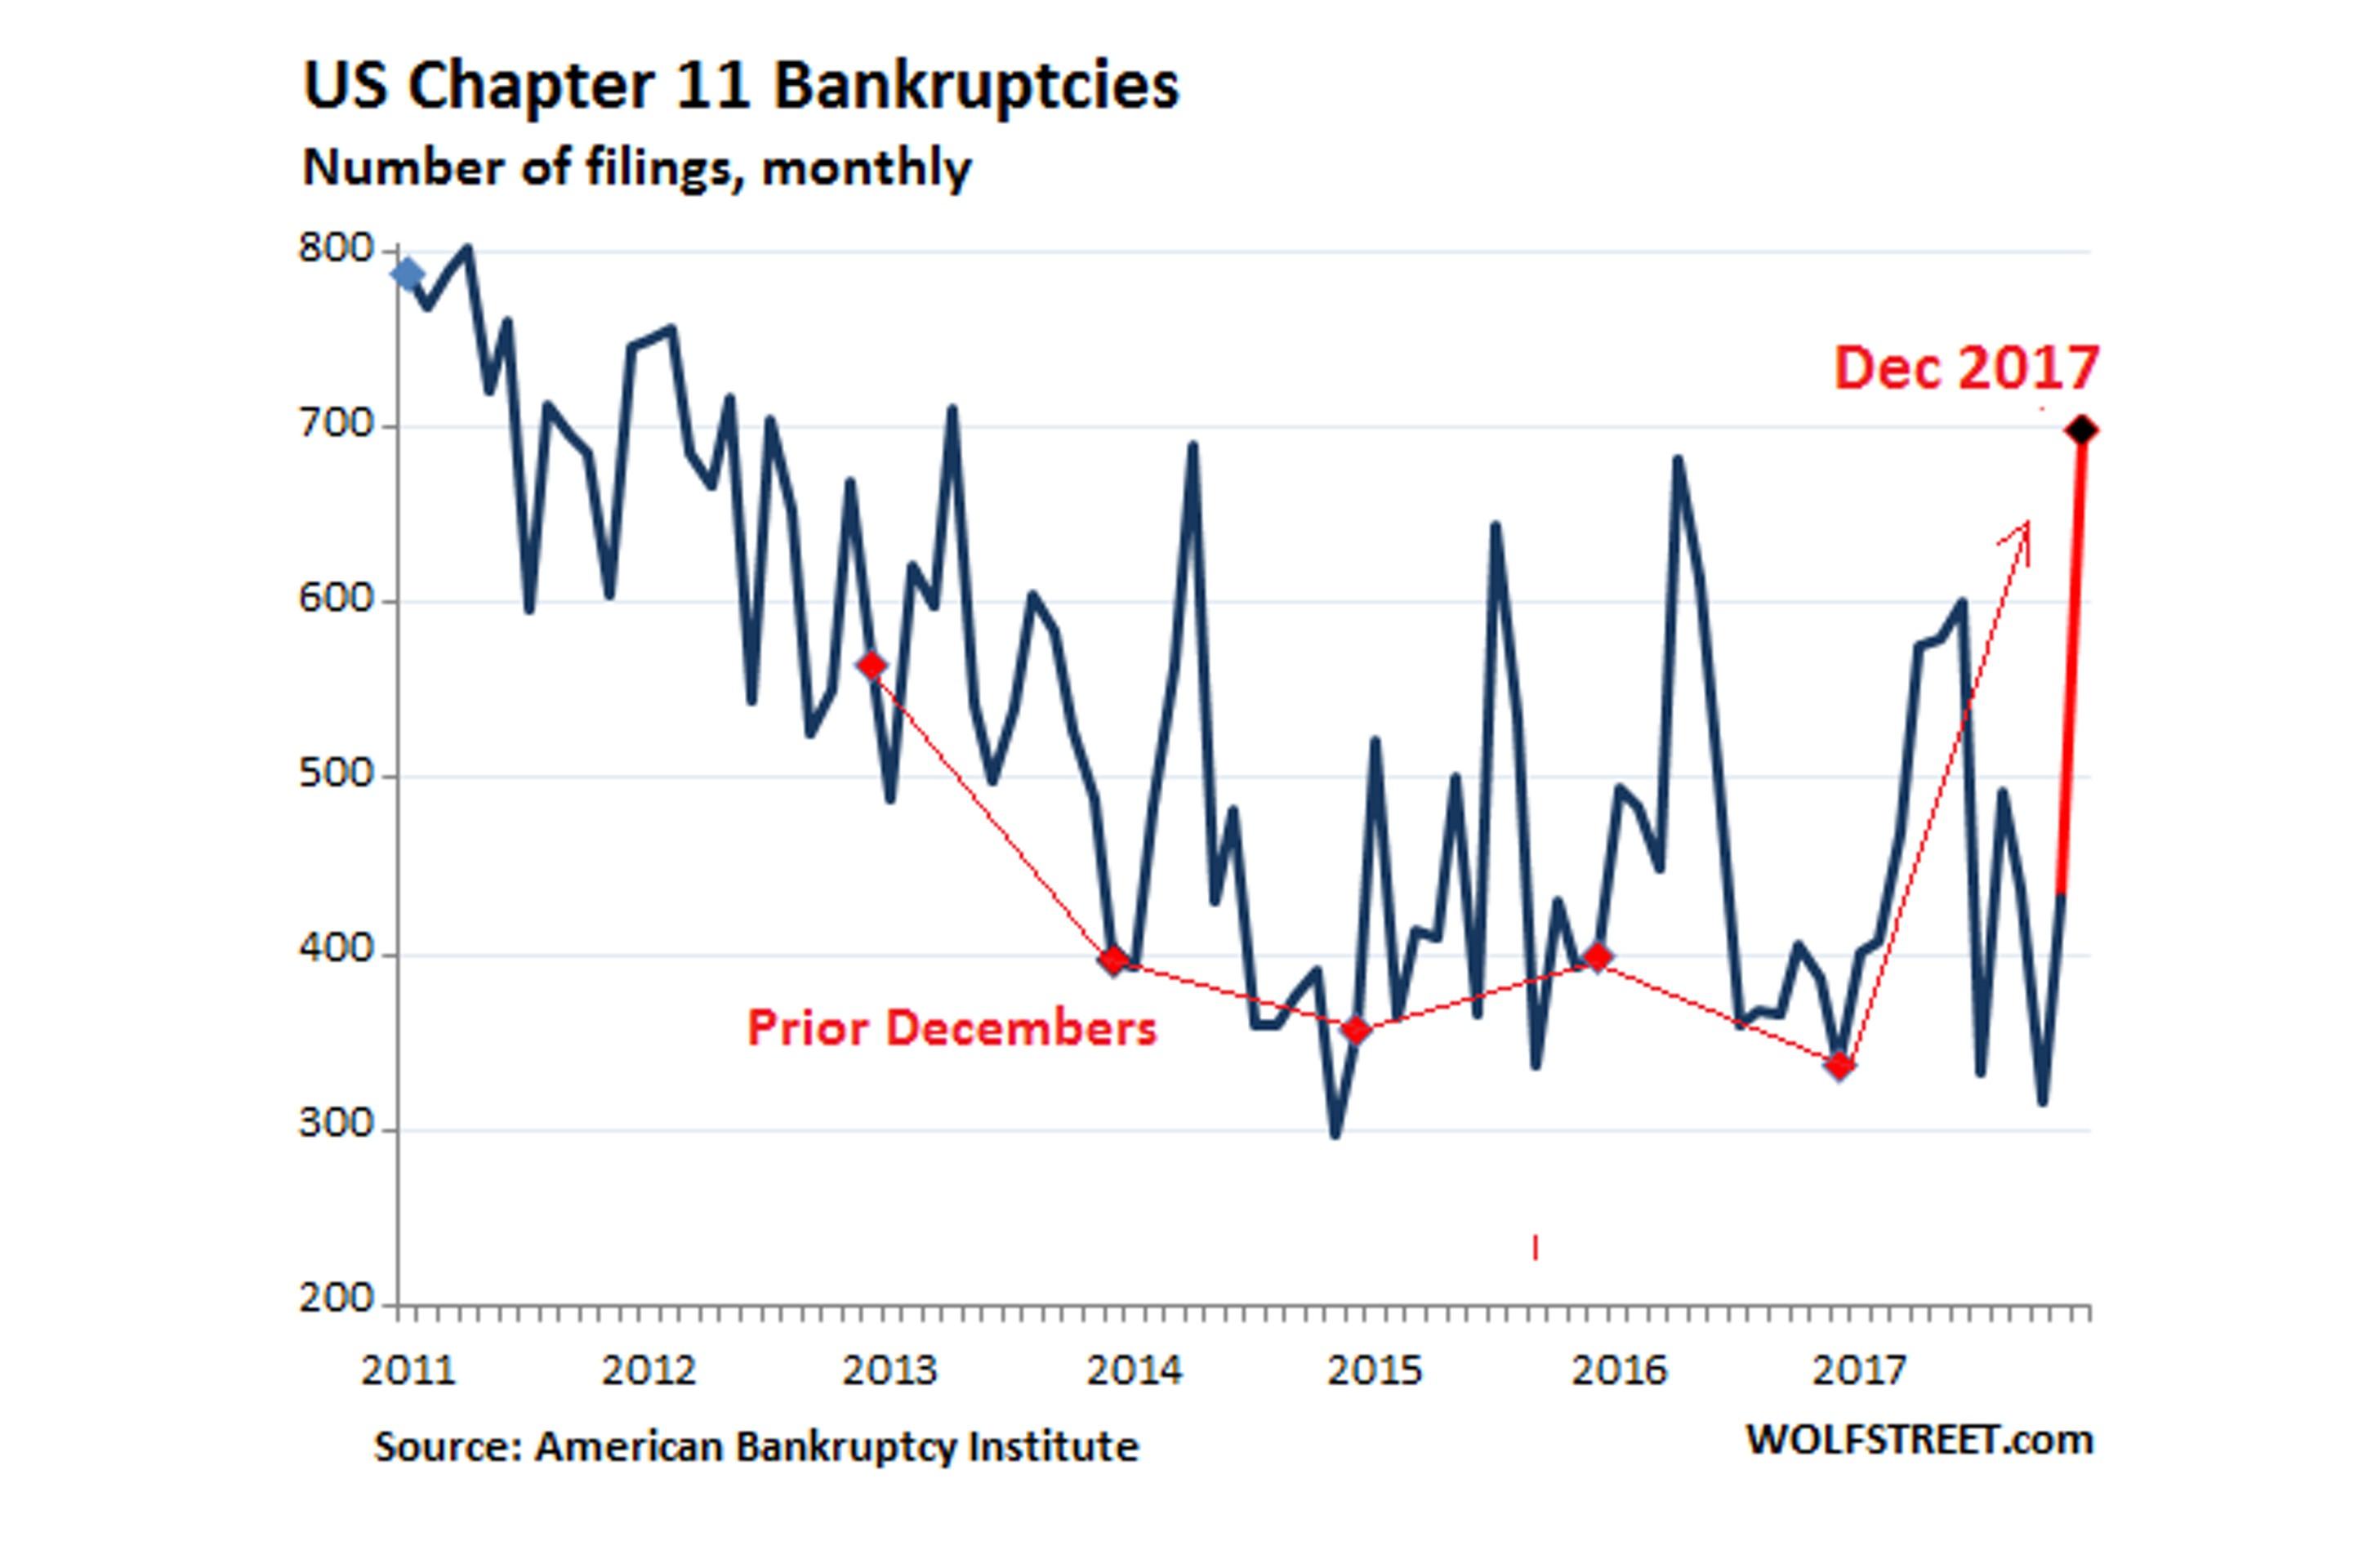 Налоговая реформа США вызвала волну банкротств?